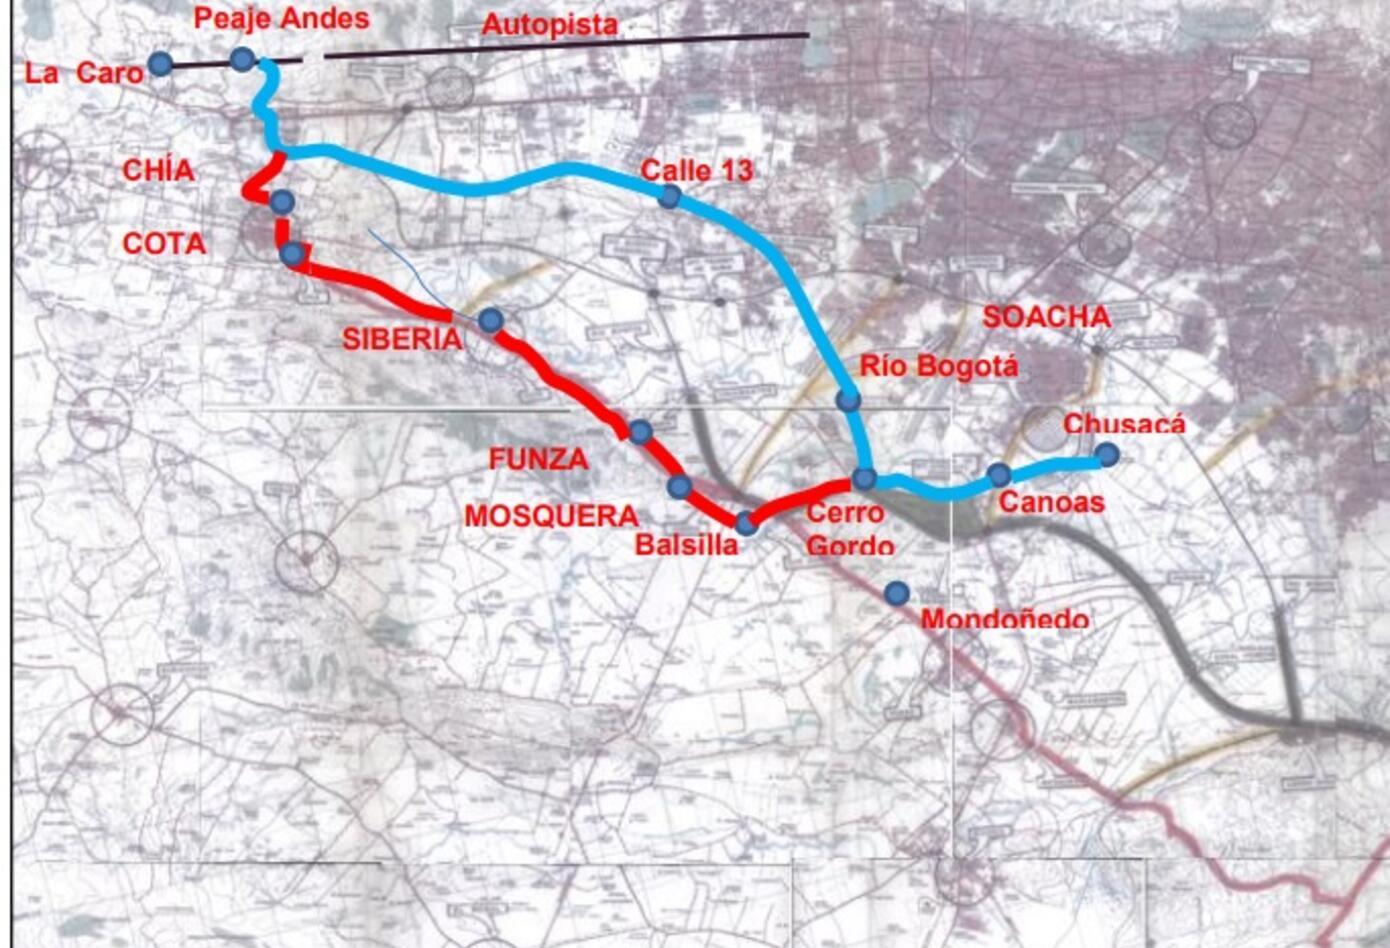 Plano Avenida Longitudinal de Occidente